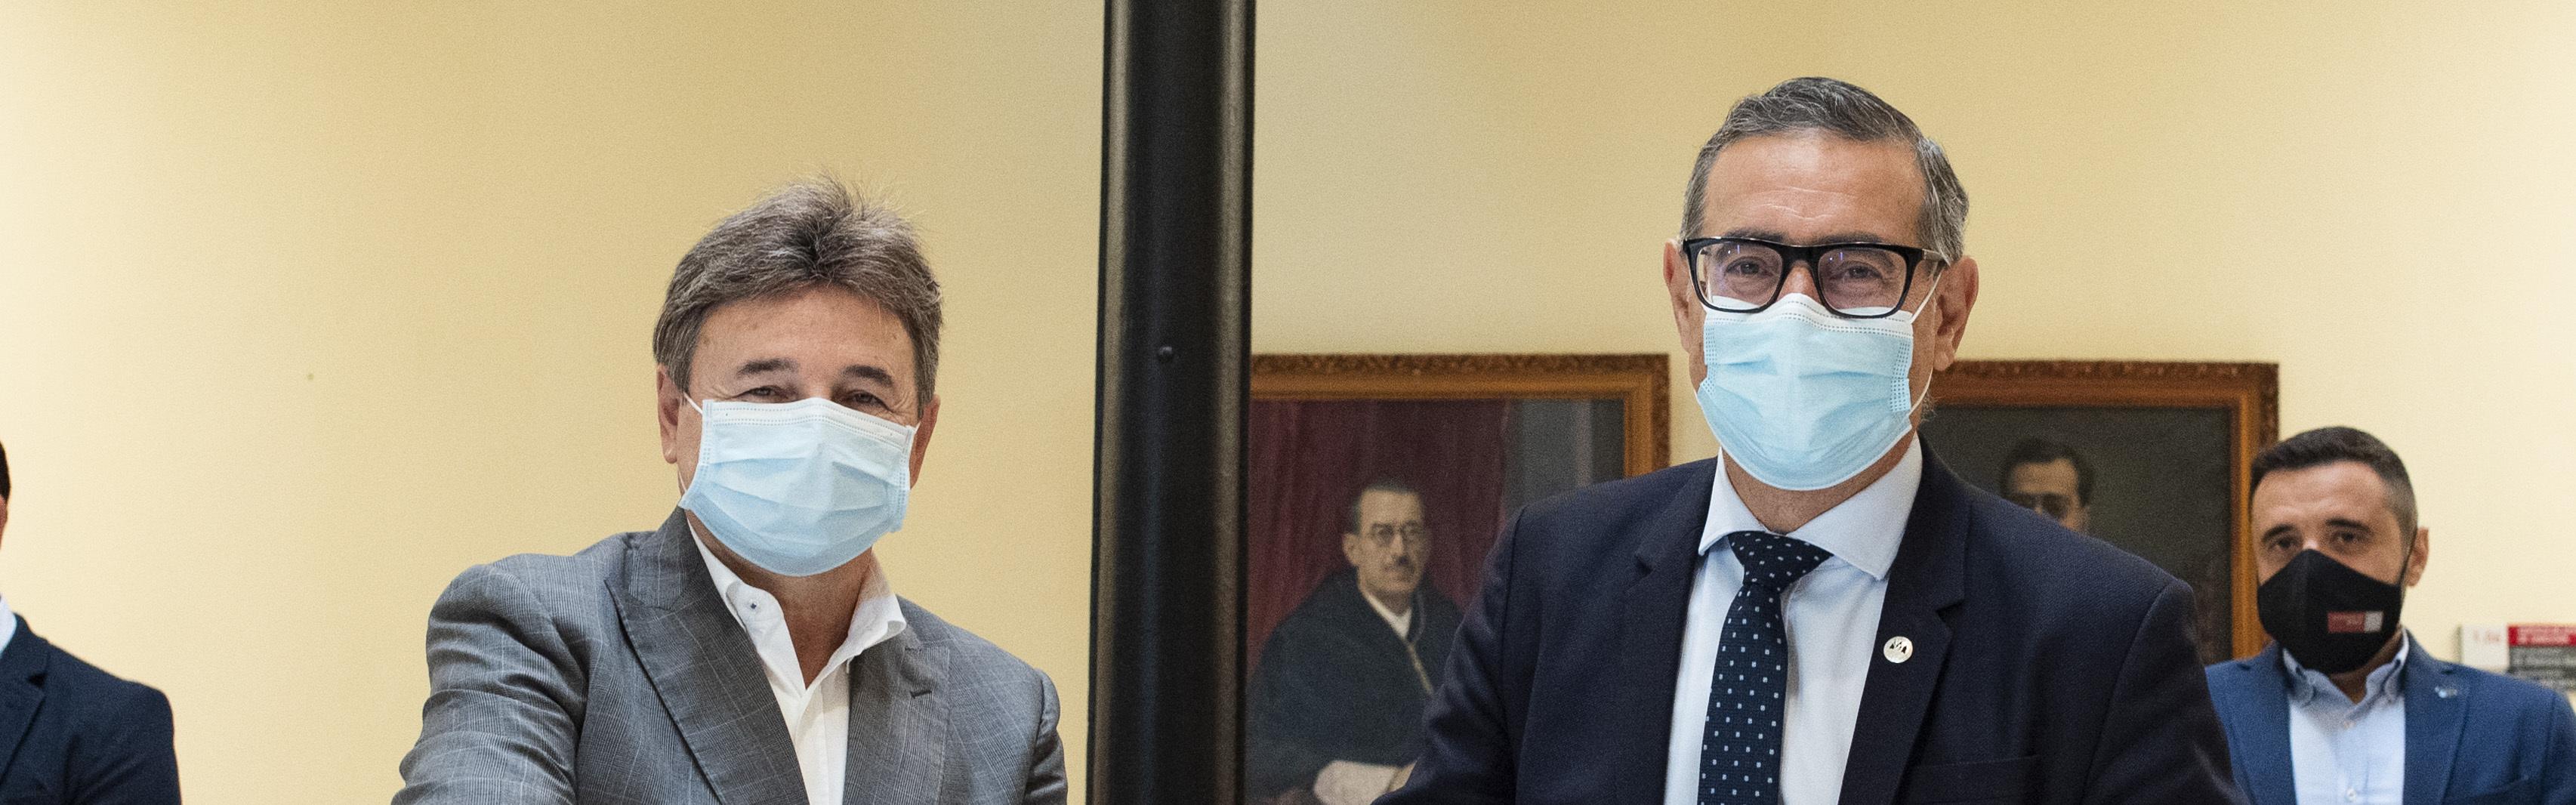 La UMU y el Real Murcia estrechan lazos de colaboración